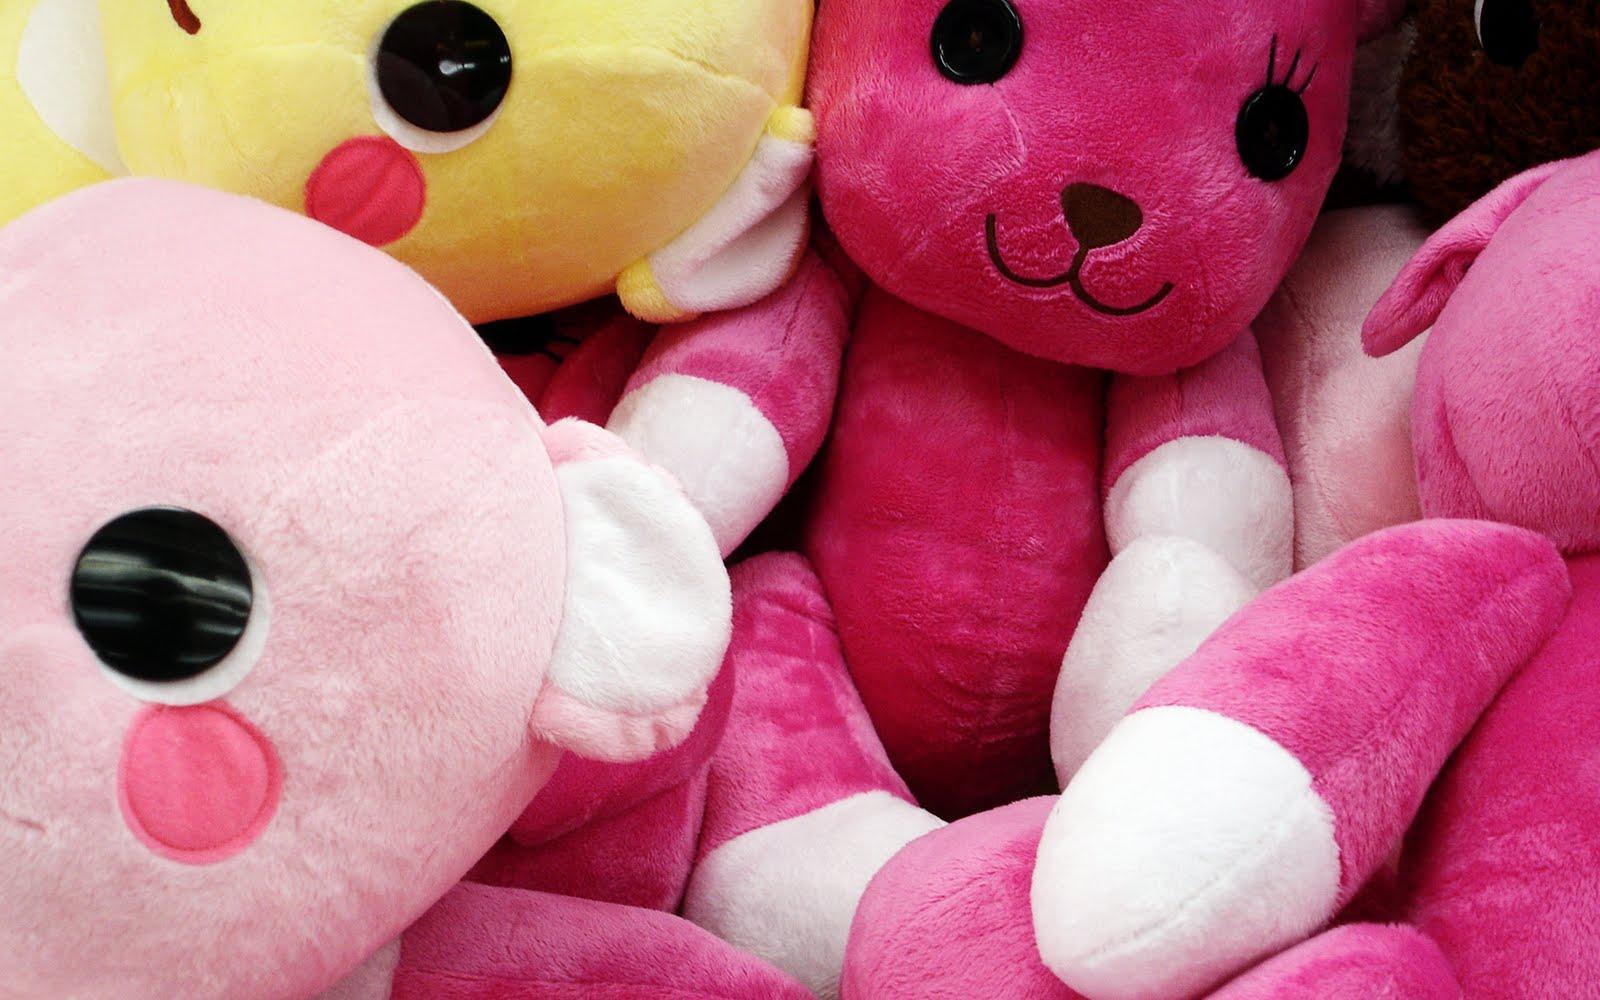 Bunny Cute Pink Teddy Bear Hd Wallpapers For Desktop: Cute Teddy HD Wallpapers